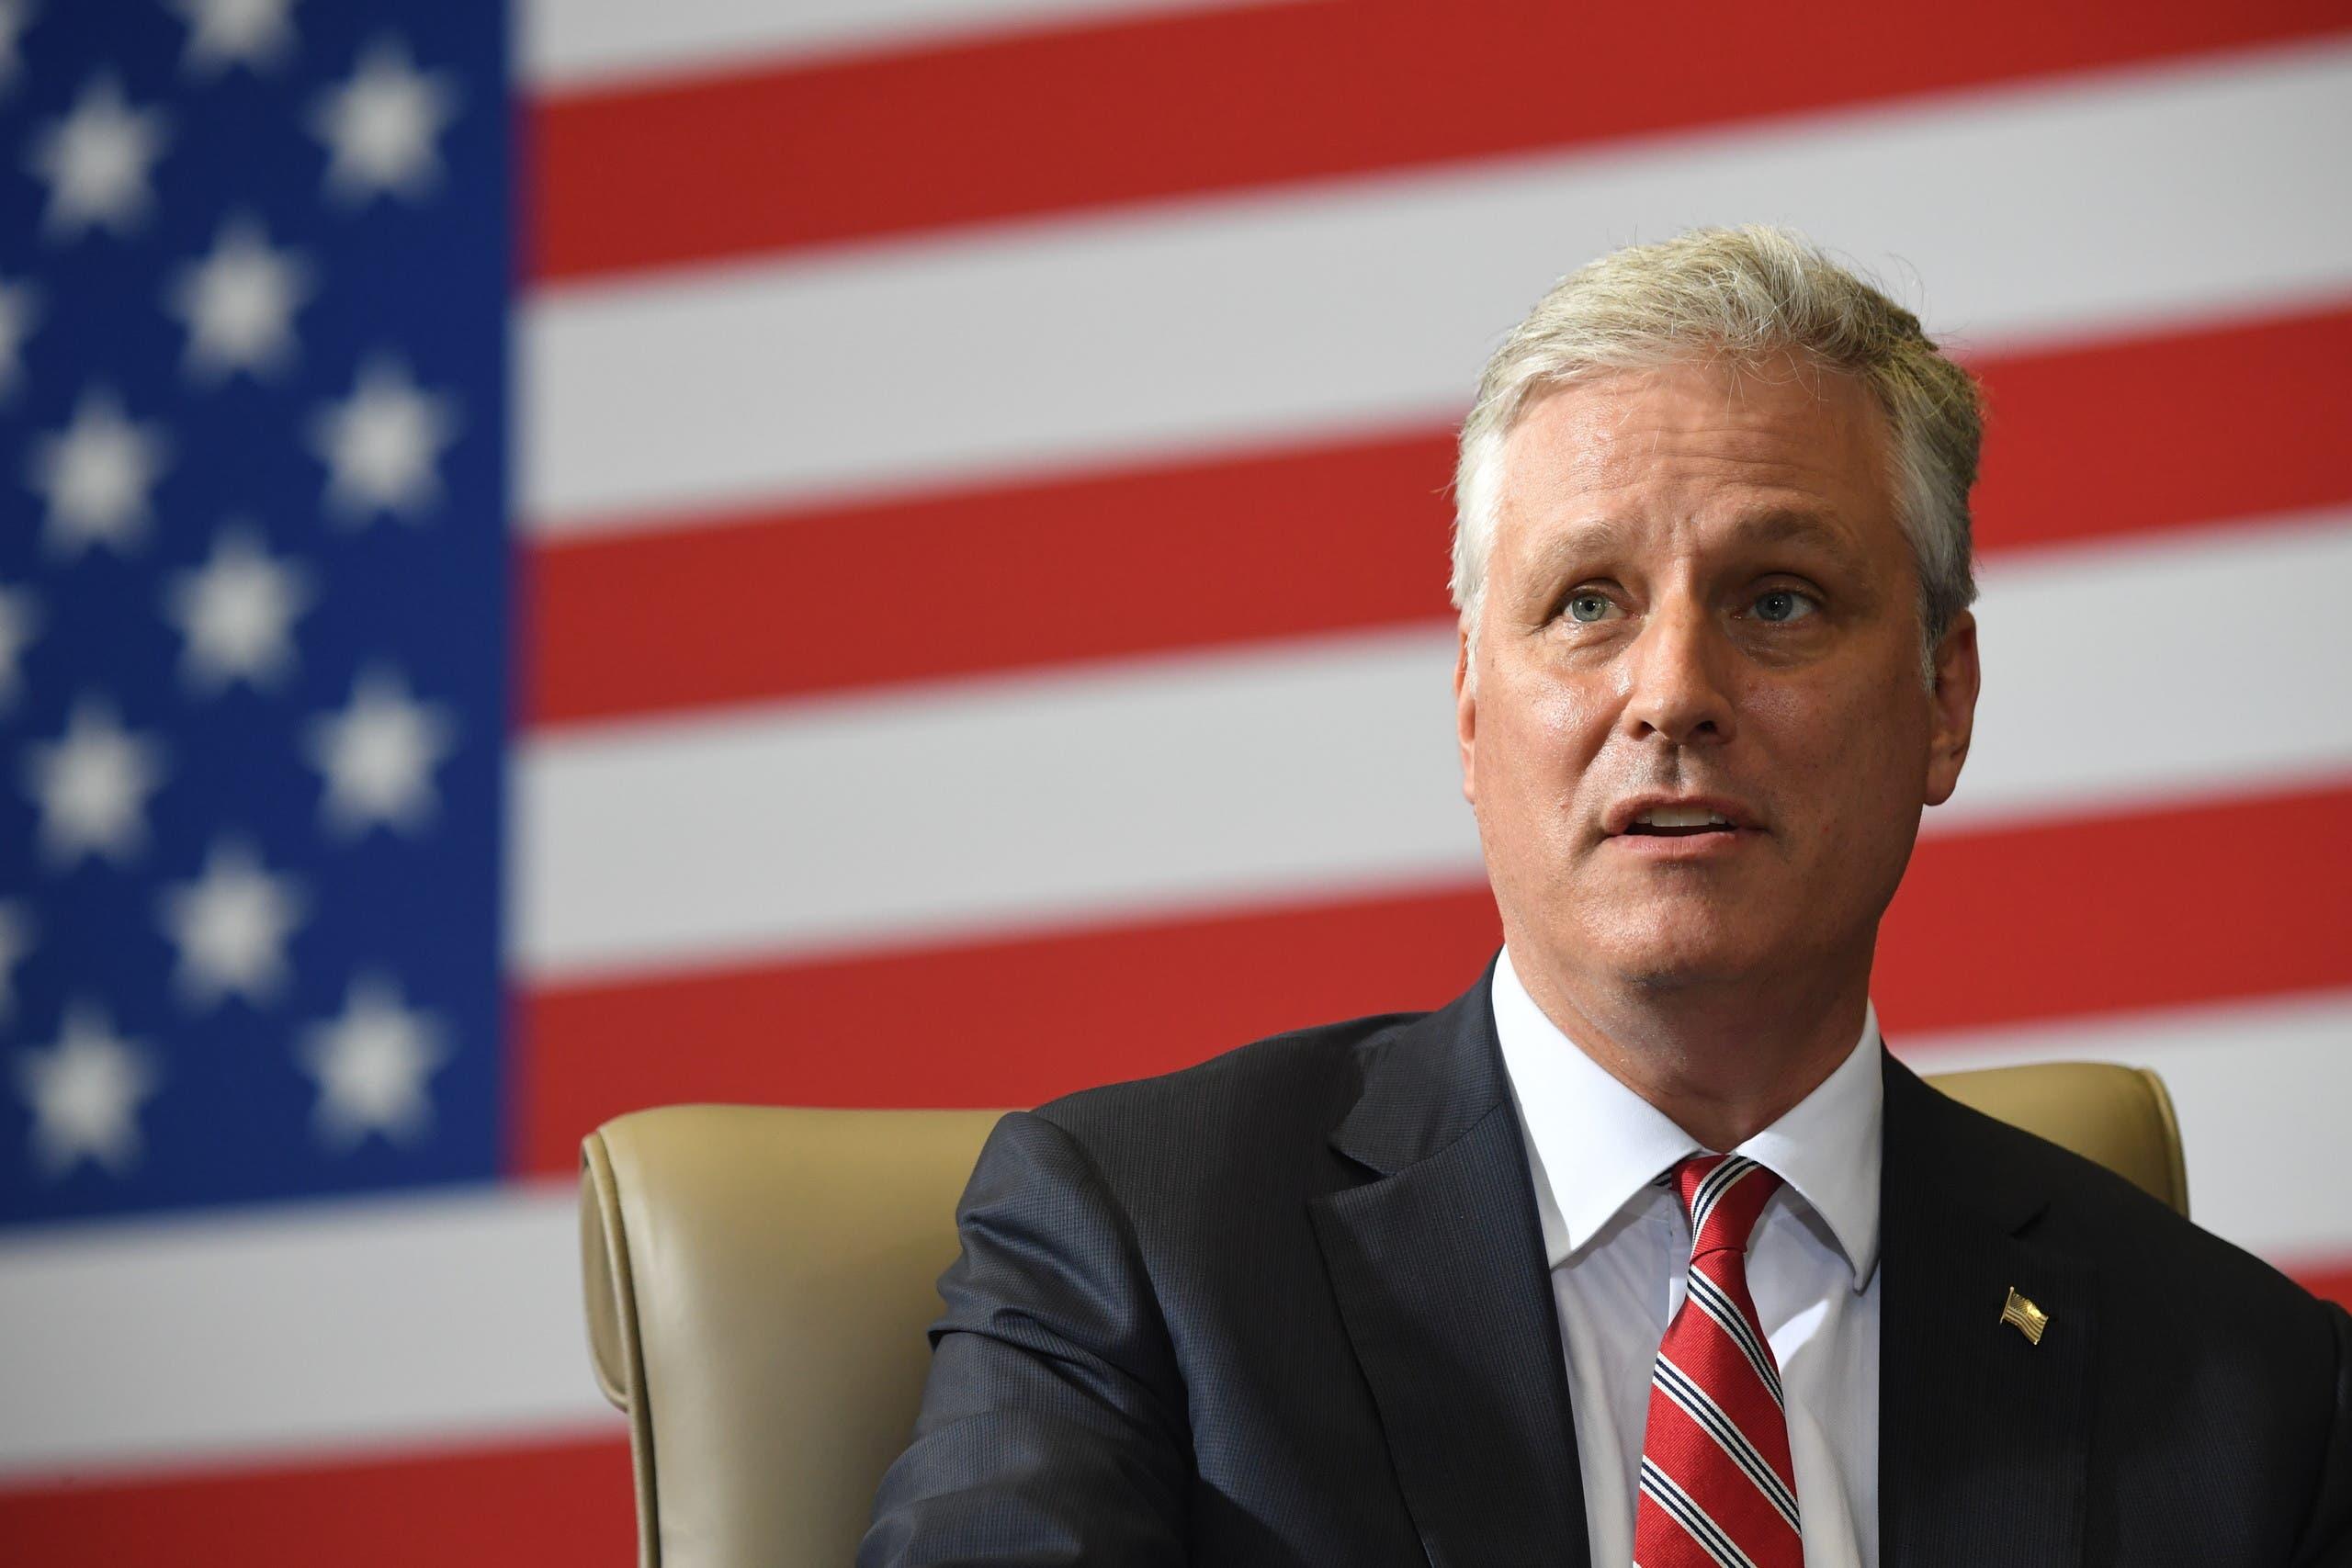 مستشار الرئيس الأمريكي: خفض عدد القوات الأمريكية بأفغانستان إلى 2500 فرد أوائل 2021